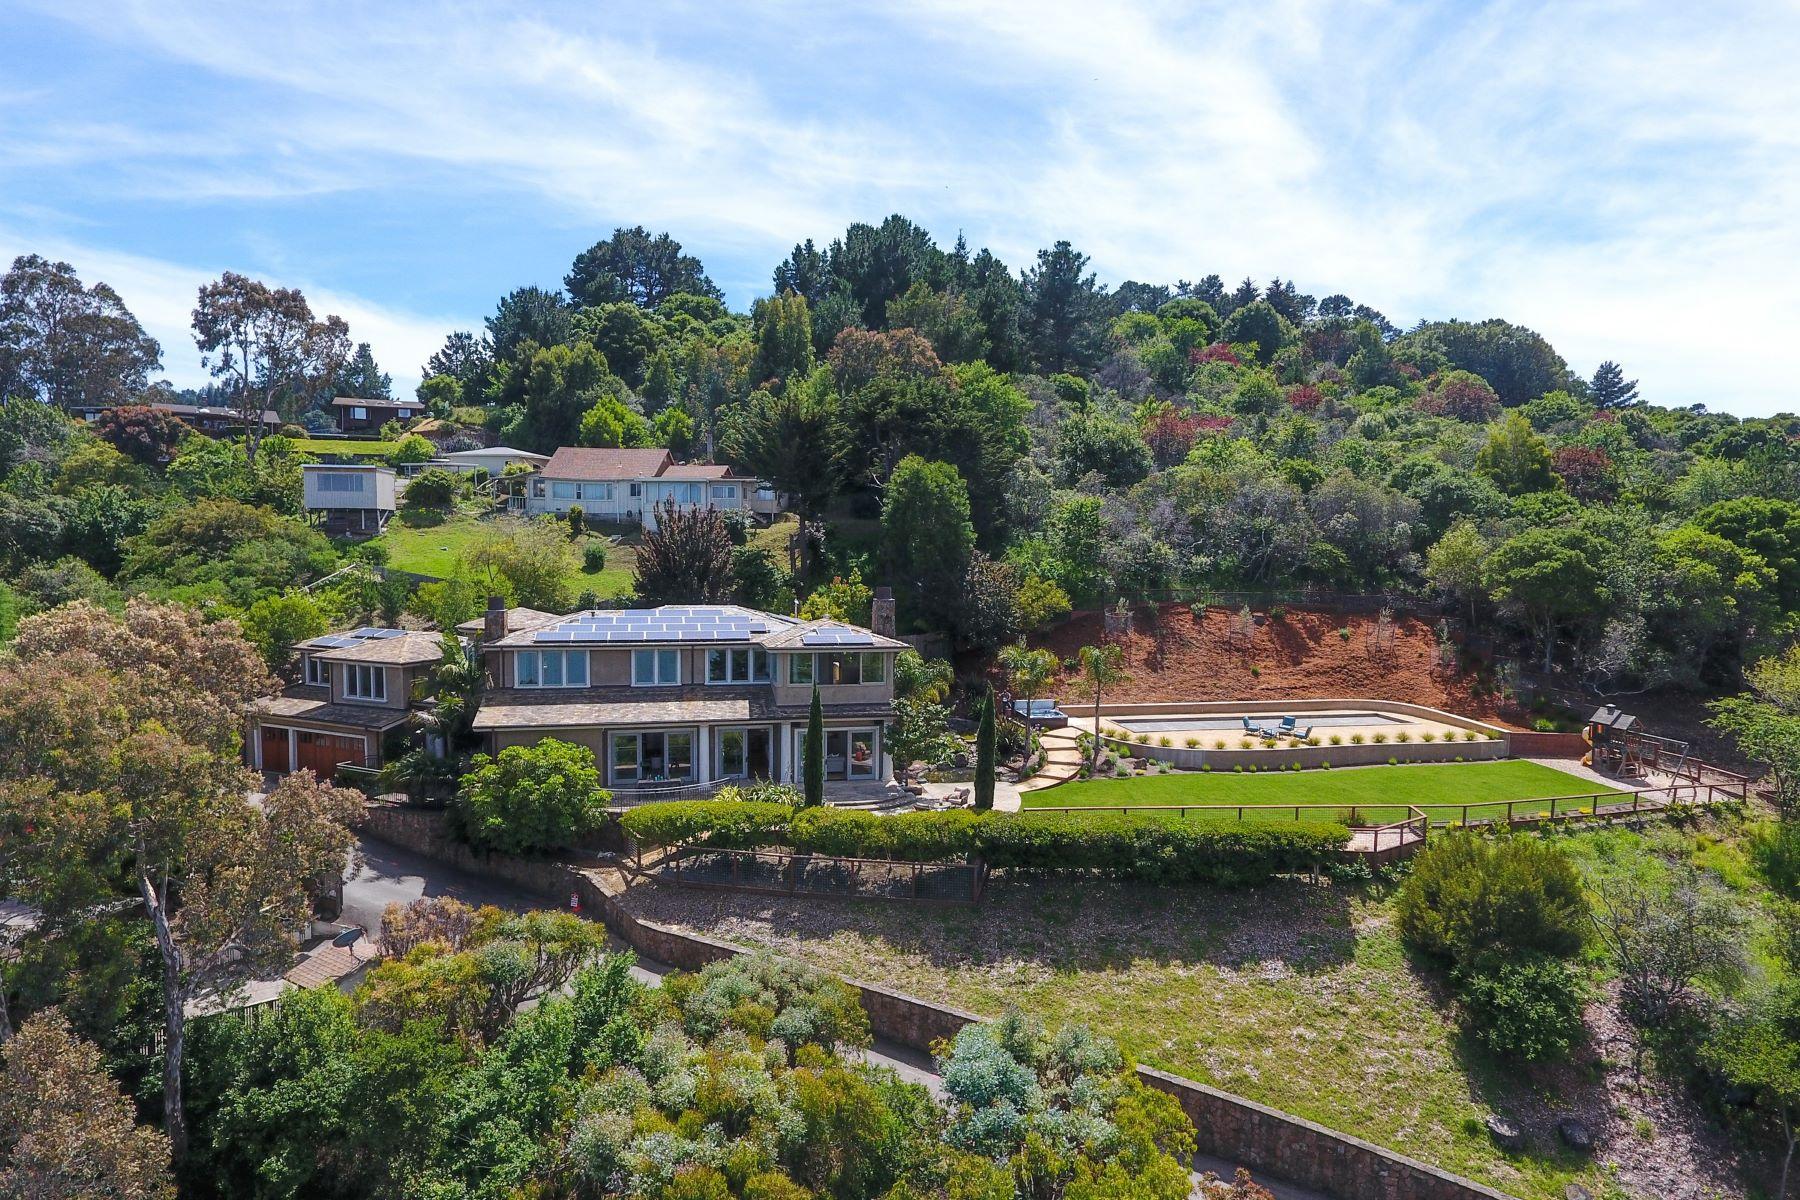 Casa Unifamiliar por un Venta en Stunning Private Villa in Tiburon! 4185 Paradise Dr Tiburon, California, 94920 Estados Unidos